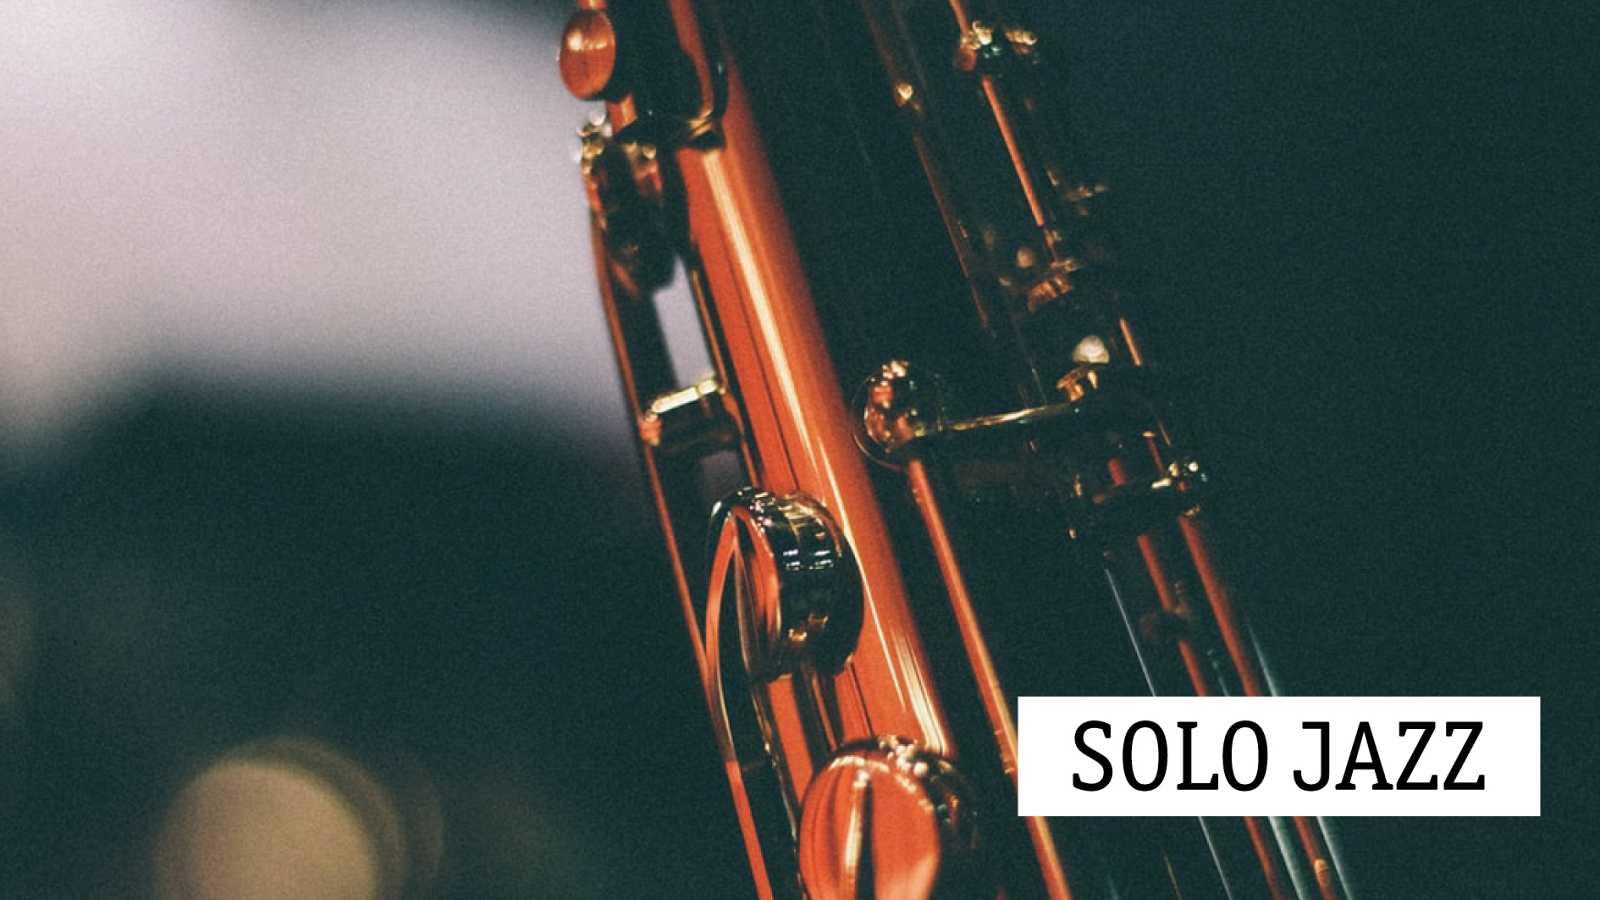 Solo Jazz - George Shearing, el digno placer de lo sencillo - 19/10/20 - escuchar ahora